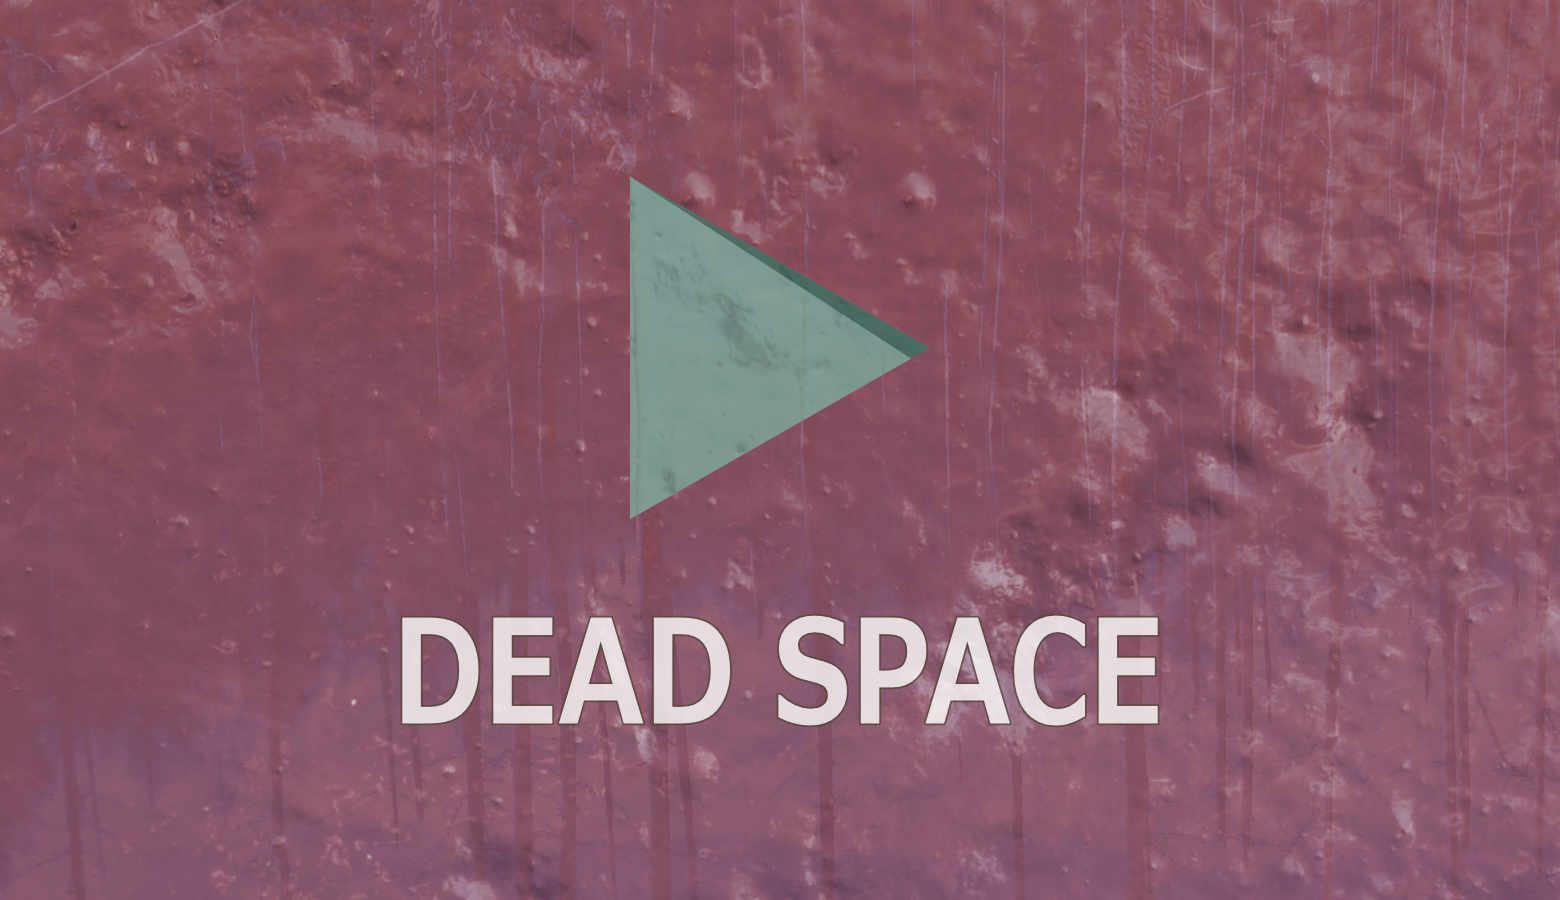 DEAD SPACE(デッドスペース)の実況プレイ:お正月はおせちを食べながら実況プレイを見よう!【YouTube】